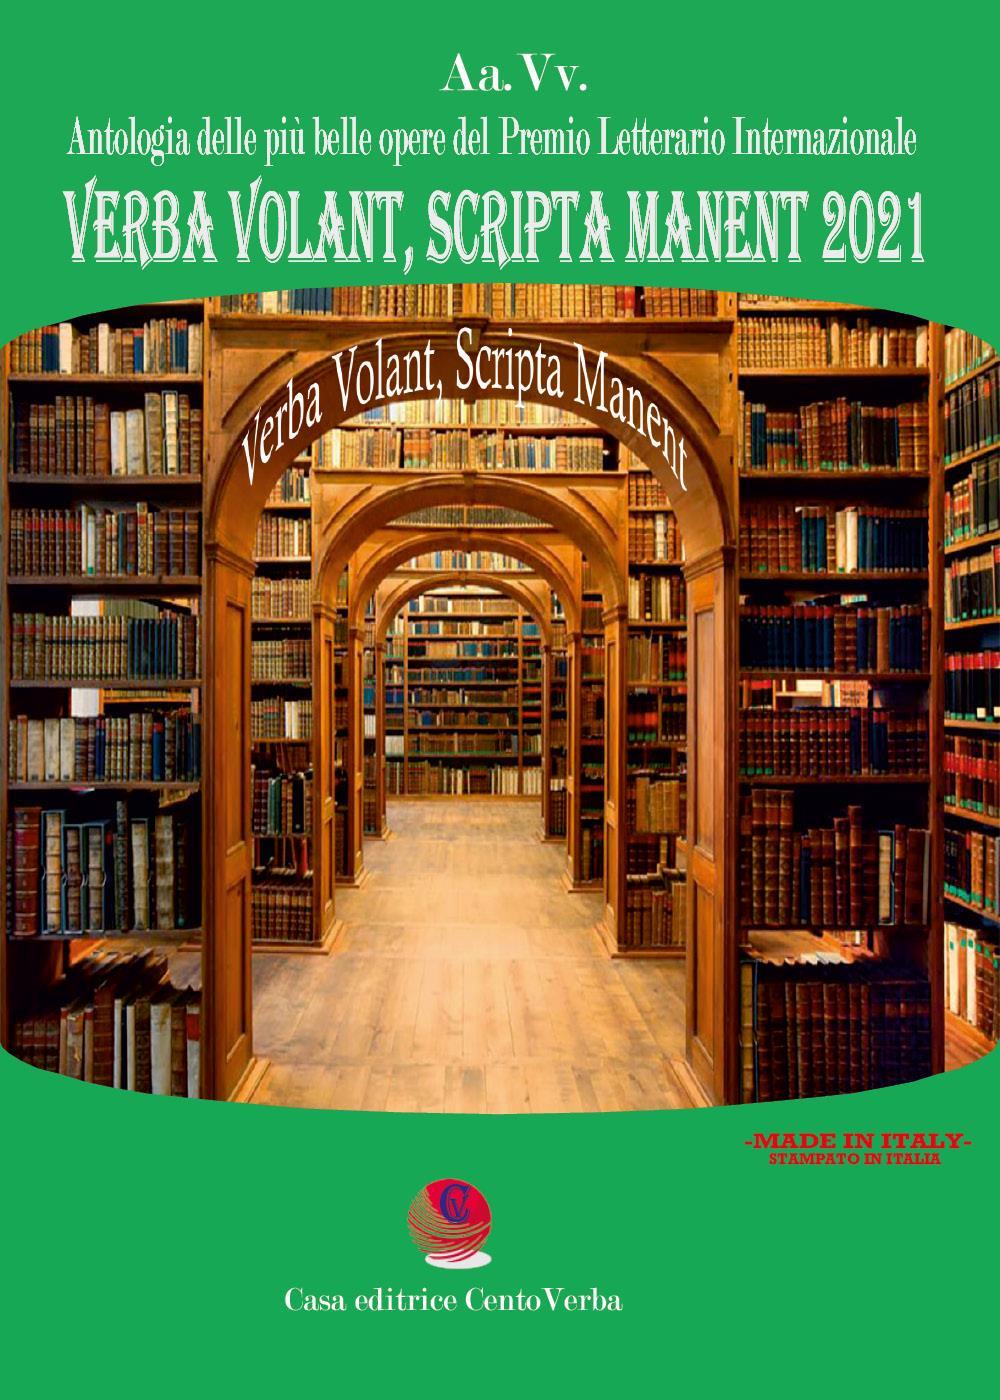 Verba Volant, Scripta Manent 2021